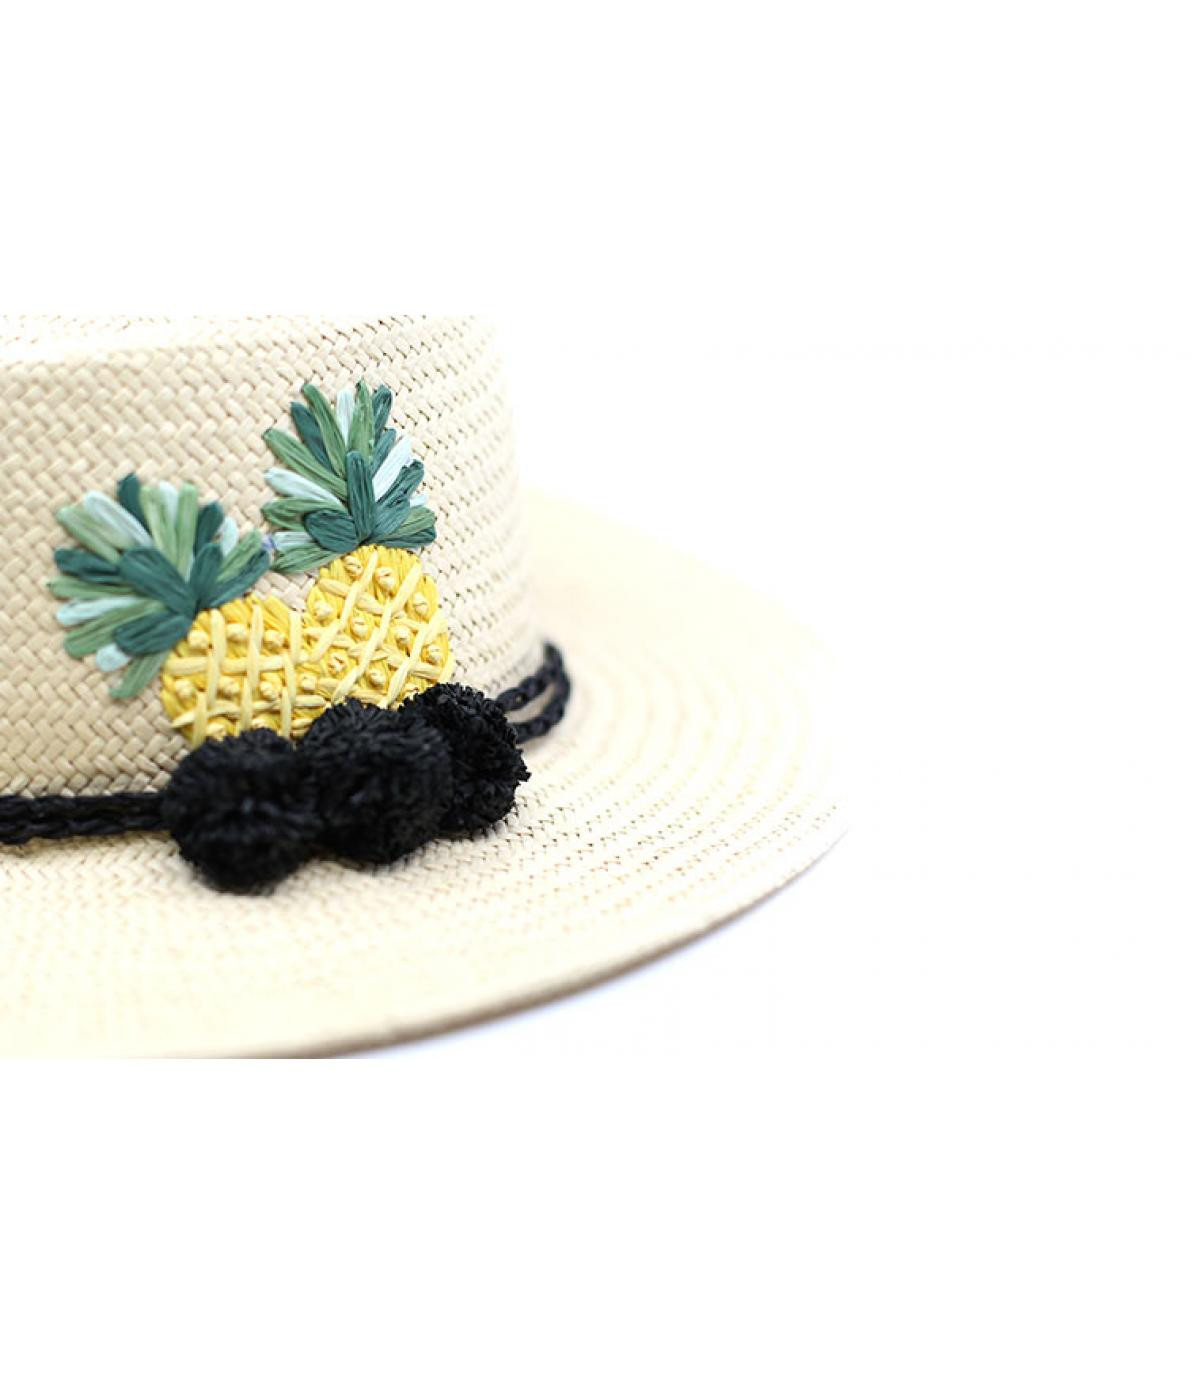 Detalles Matelot Pineapple imagen 4